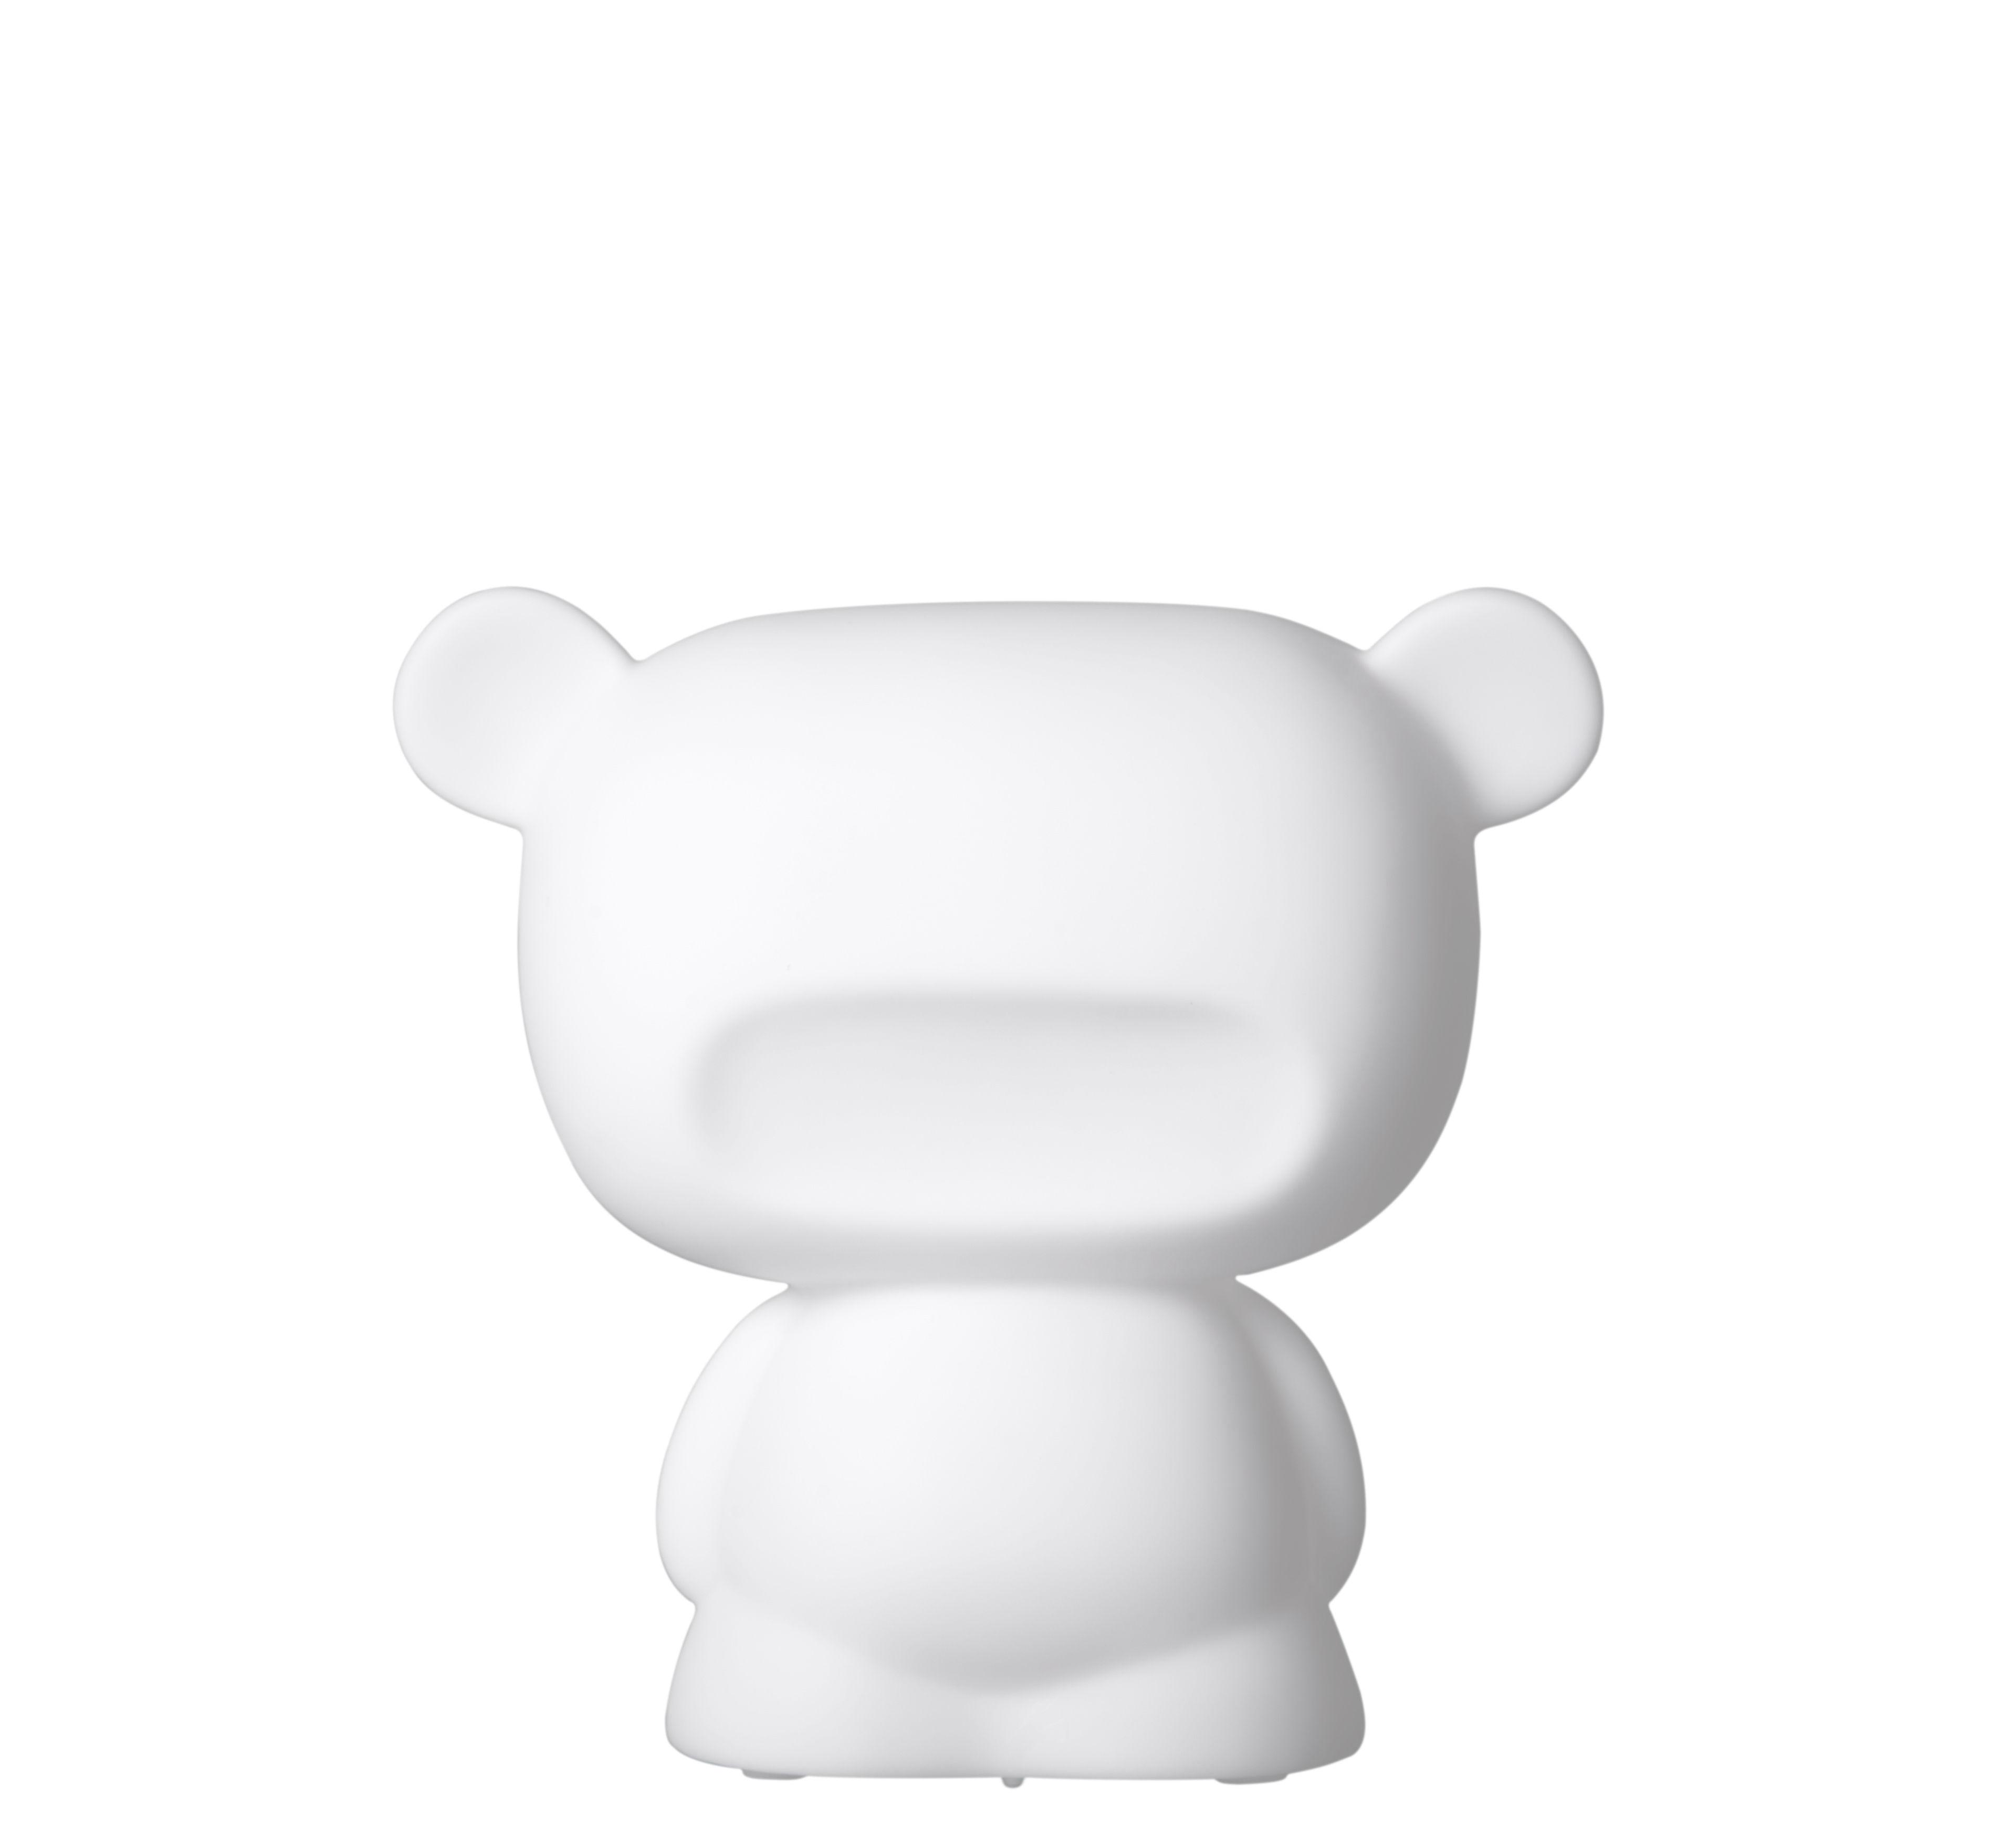 Déco - Pour les enfants - Veilleuse Baby Pure H 14 cm / LED - Slide - Blanc - Polyéthylène